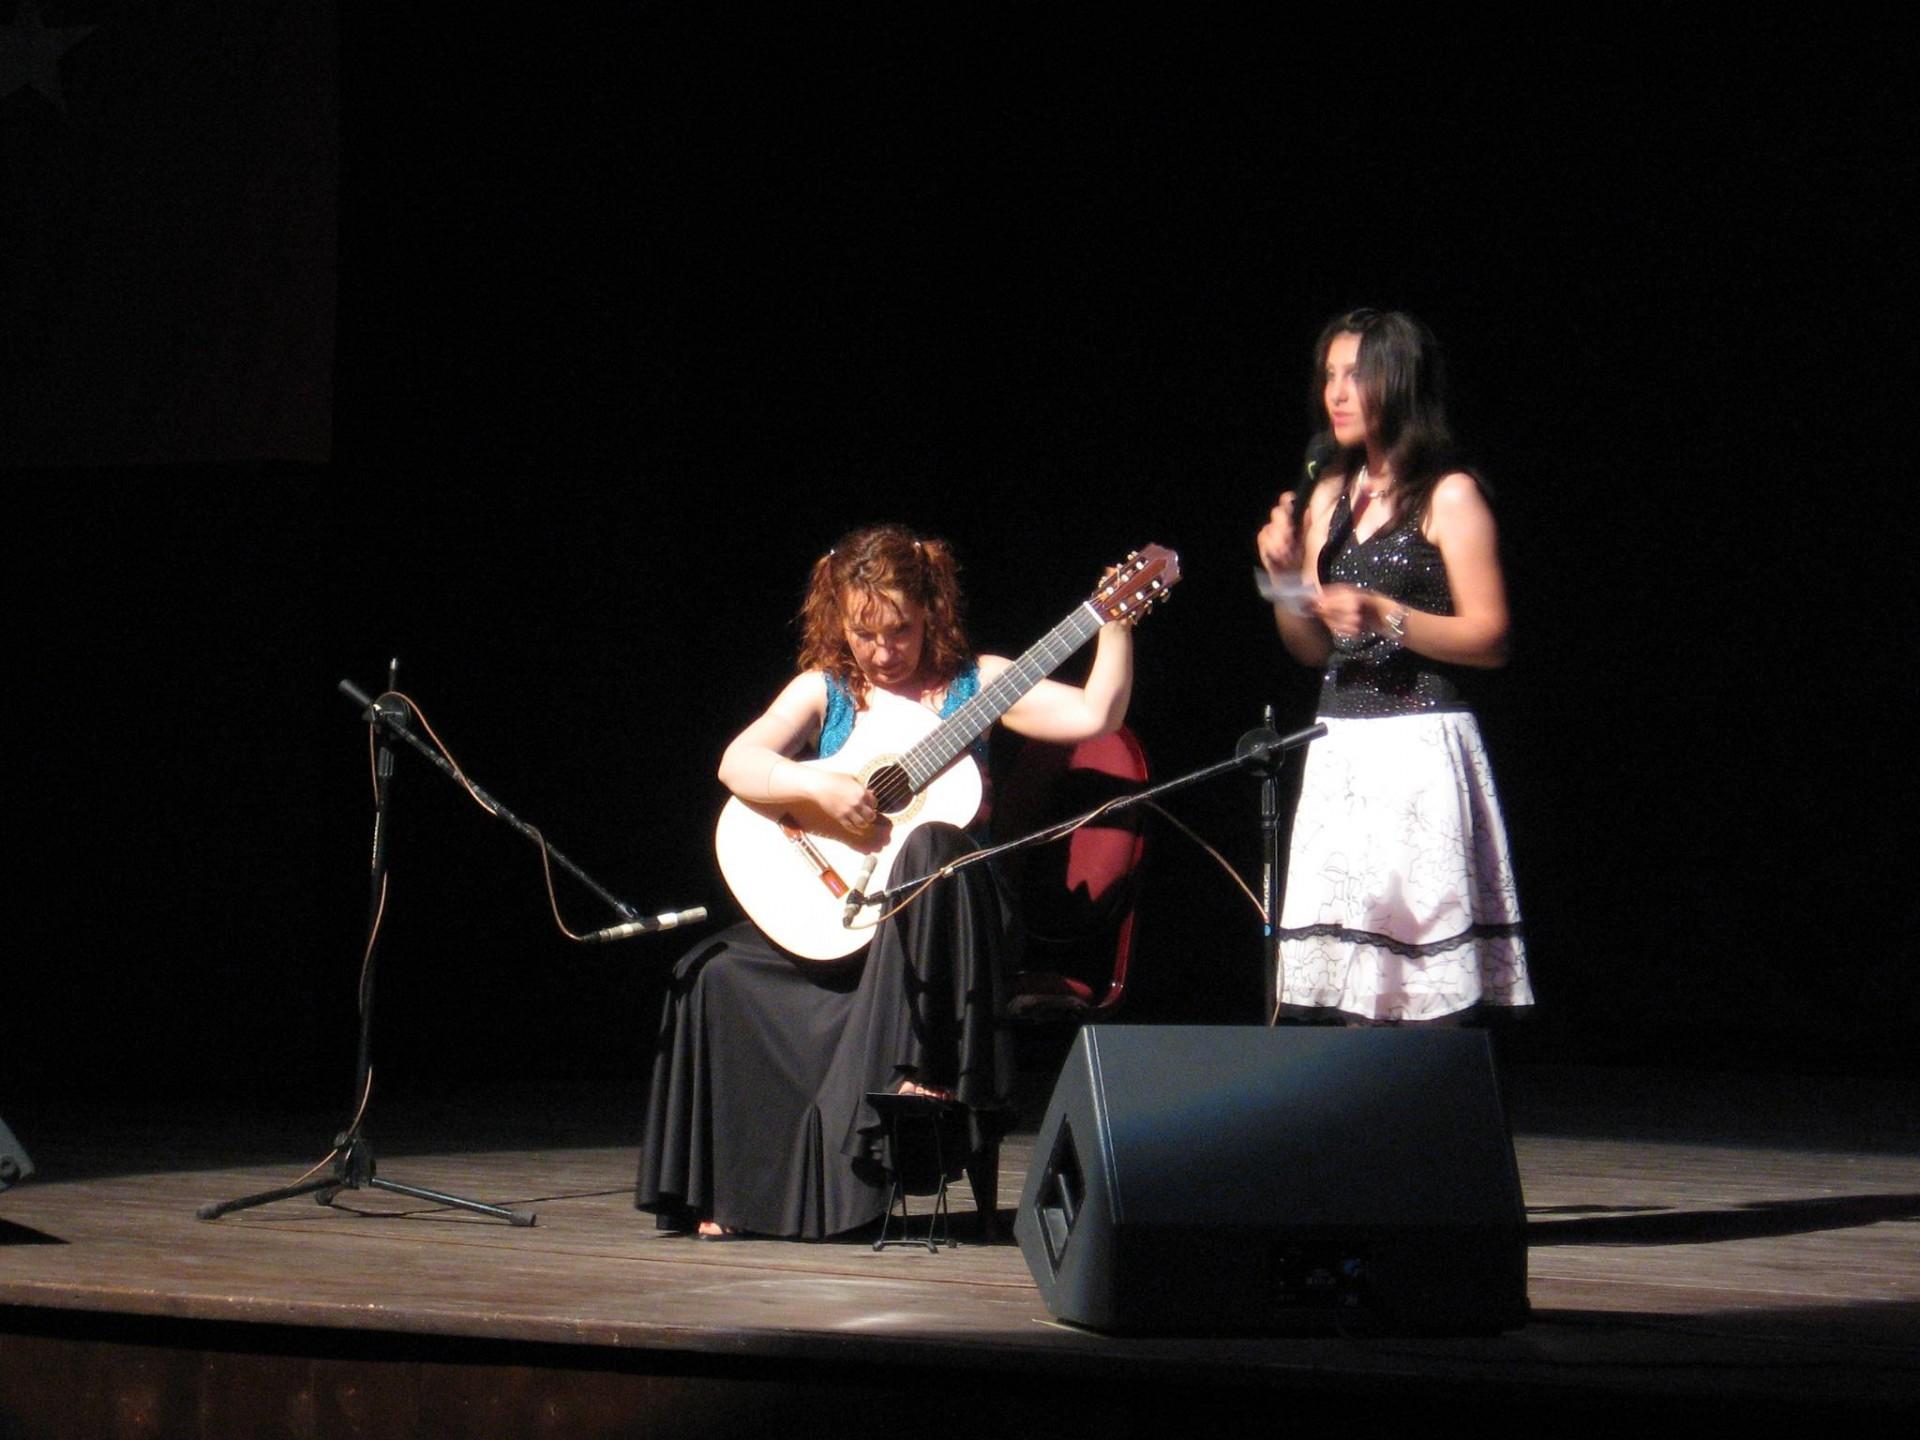 Ordu International Classical Guitar Festival, Turquie